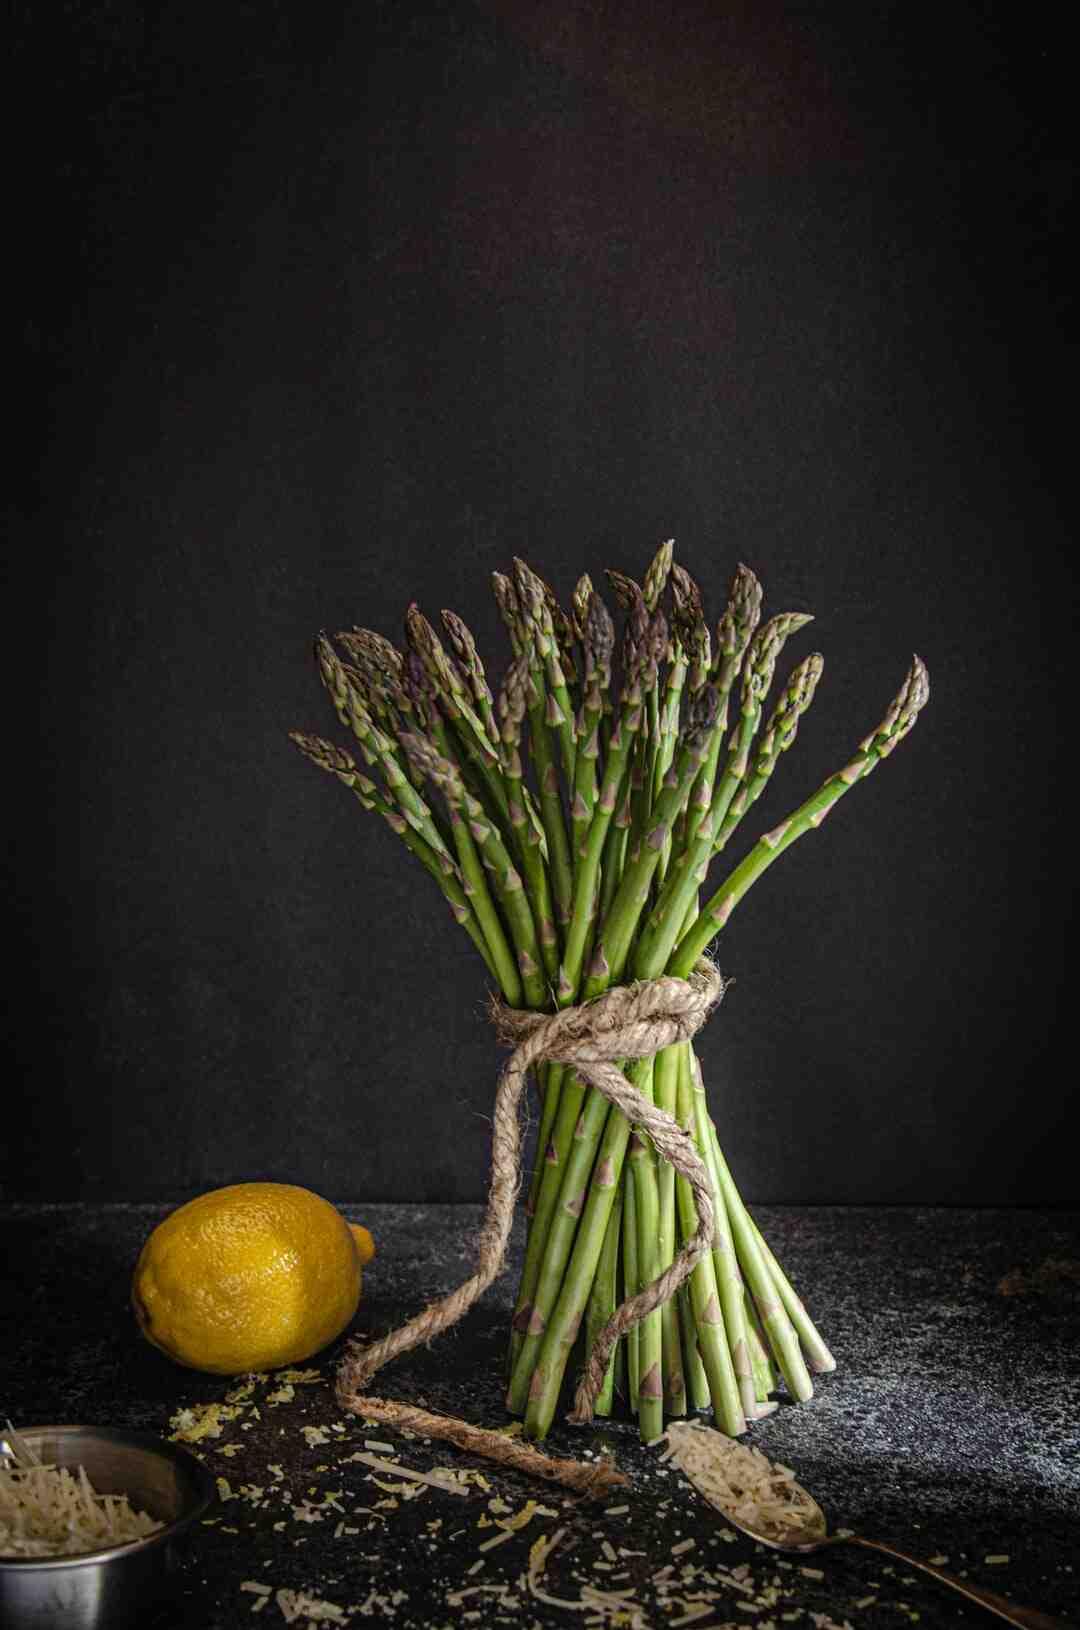 Comment manger des asperges